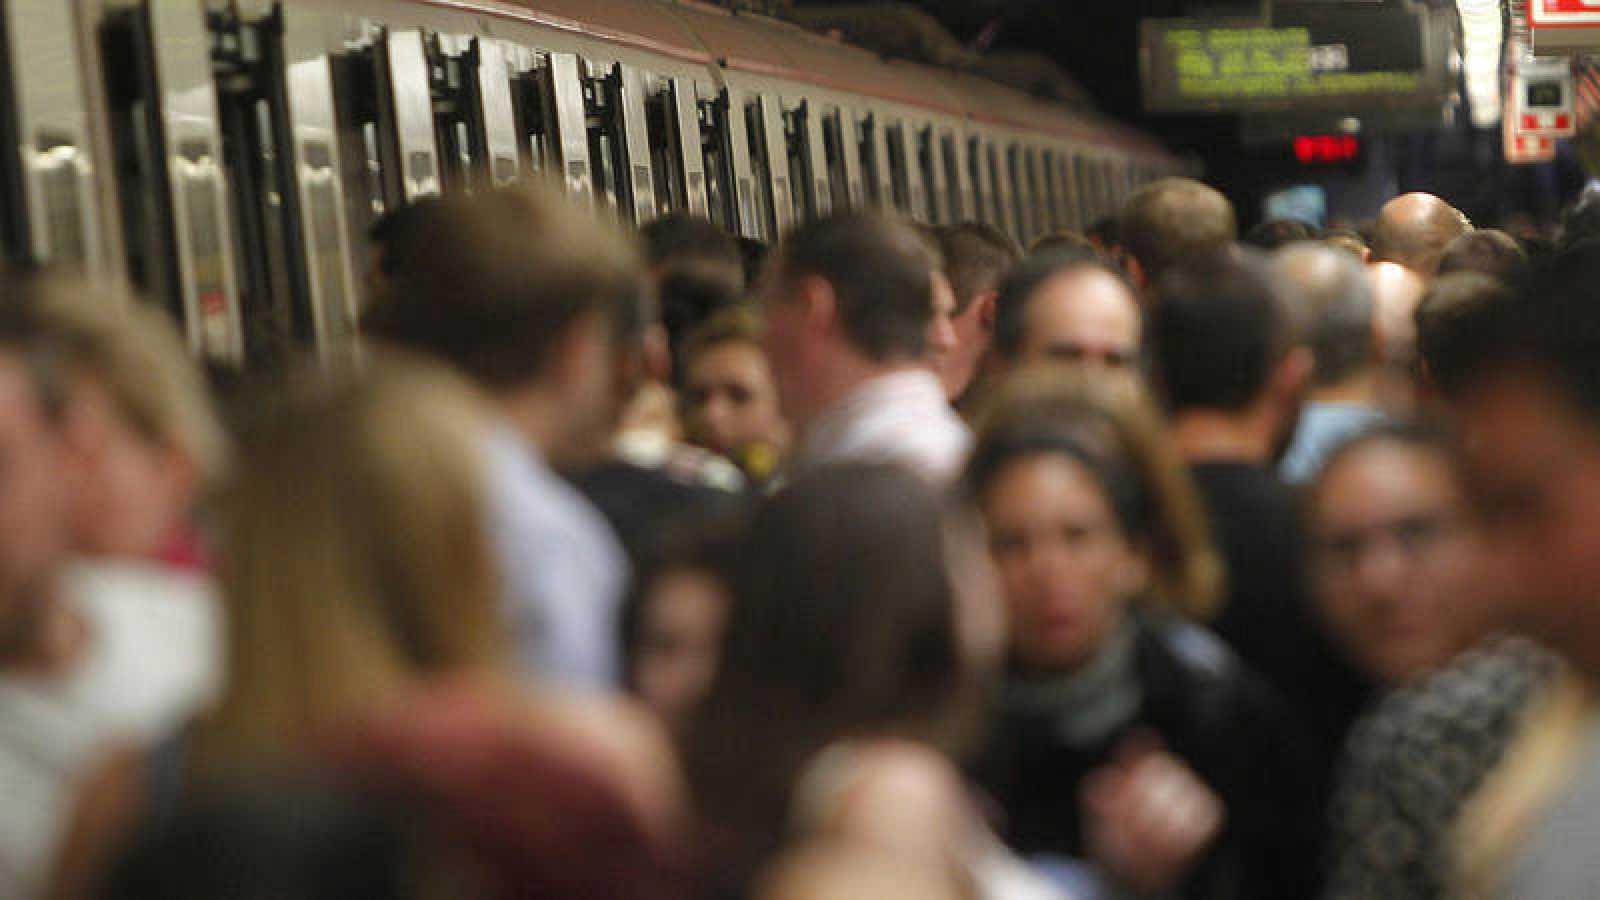 El estudio ha analizado la calidad del aire de las estaciones de metro y del interior de los vagones.